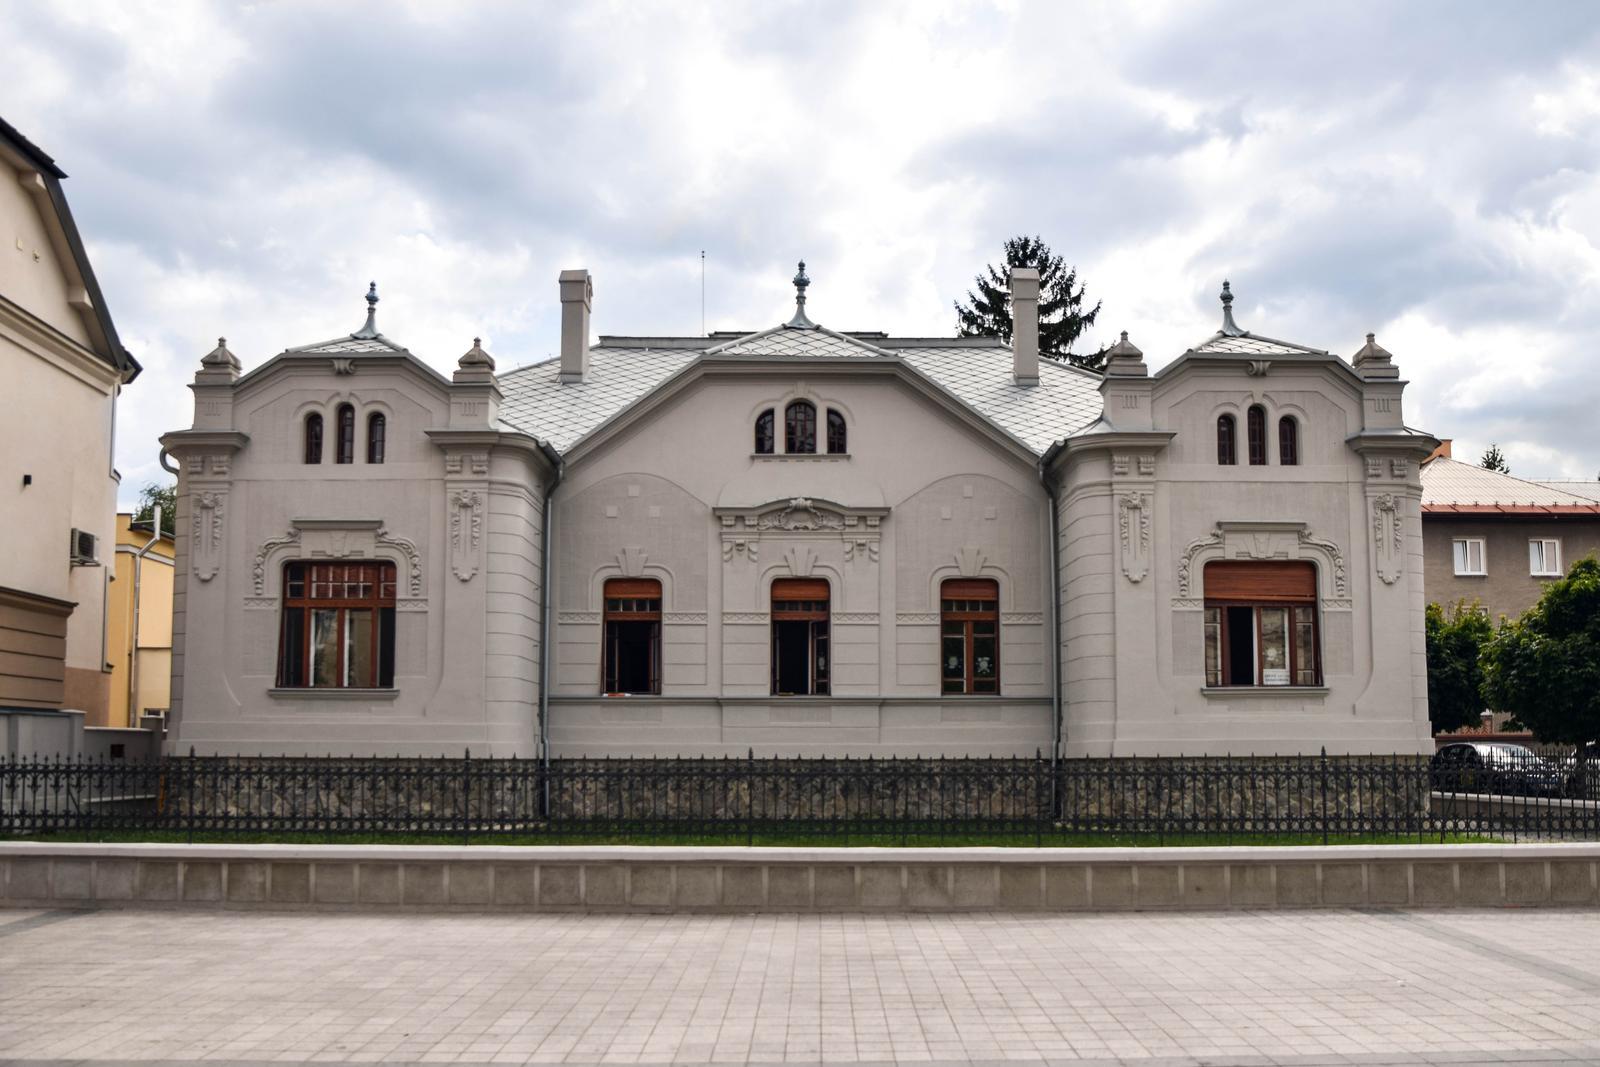 Kultúrna pamiatka v Martine vyzerá ako nová, zachránila ju aj fúkaná izolácia - V prenajatej Kohútovskej vile v súčasnosti sídli sanatórium pre deti s chorým pohybovým ústrojenstvom.